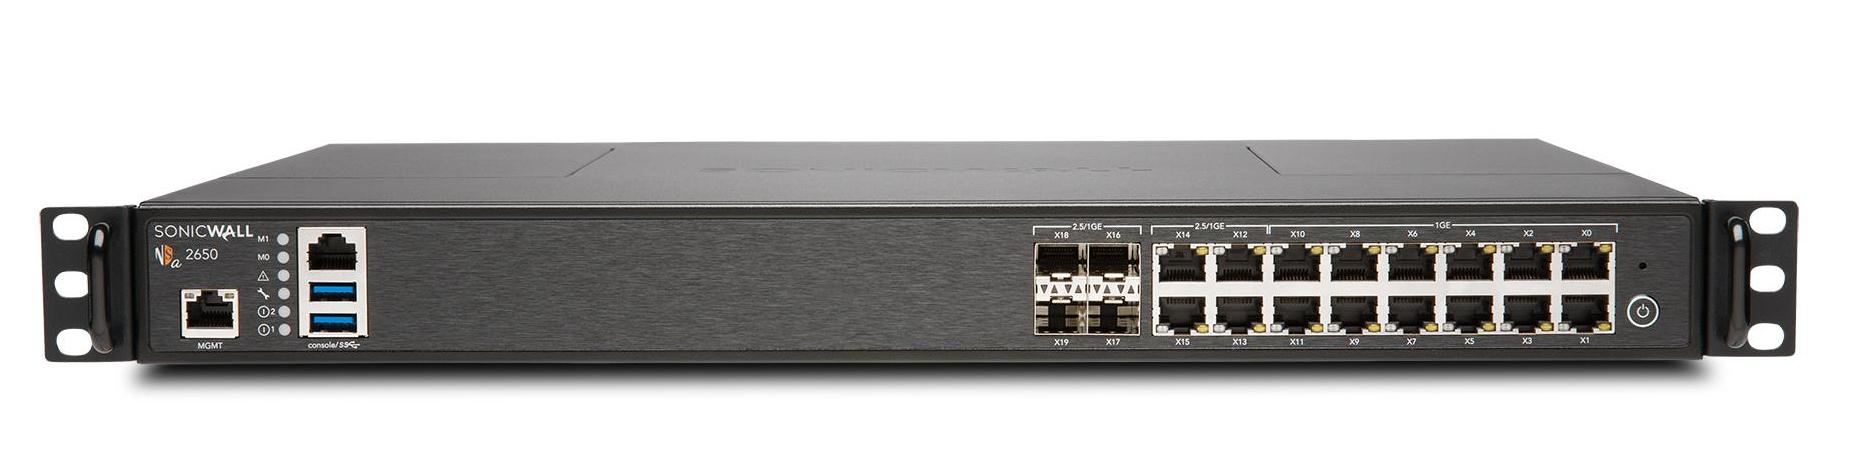 SonicWall NSa 2650 High Availability (HA) Unit cortafuegos (hardware) 3000 Mbit/s Escritorio